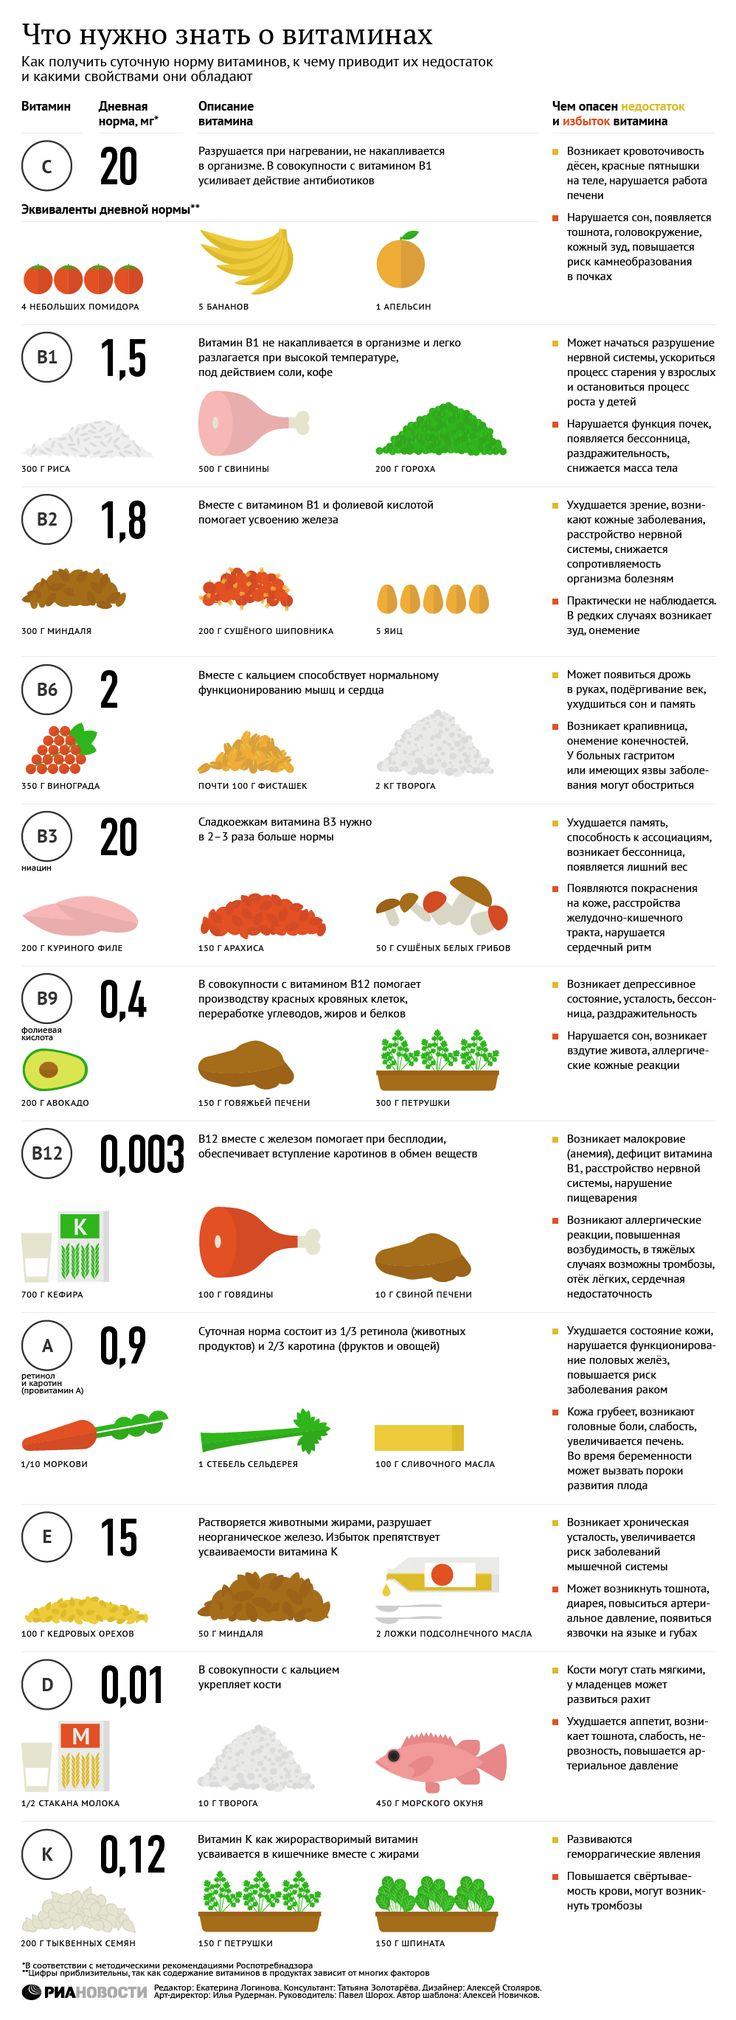 Витамины: что нужно знать каждому